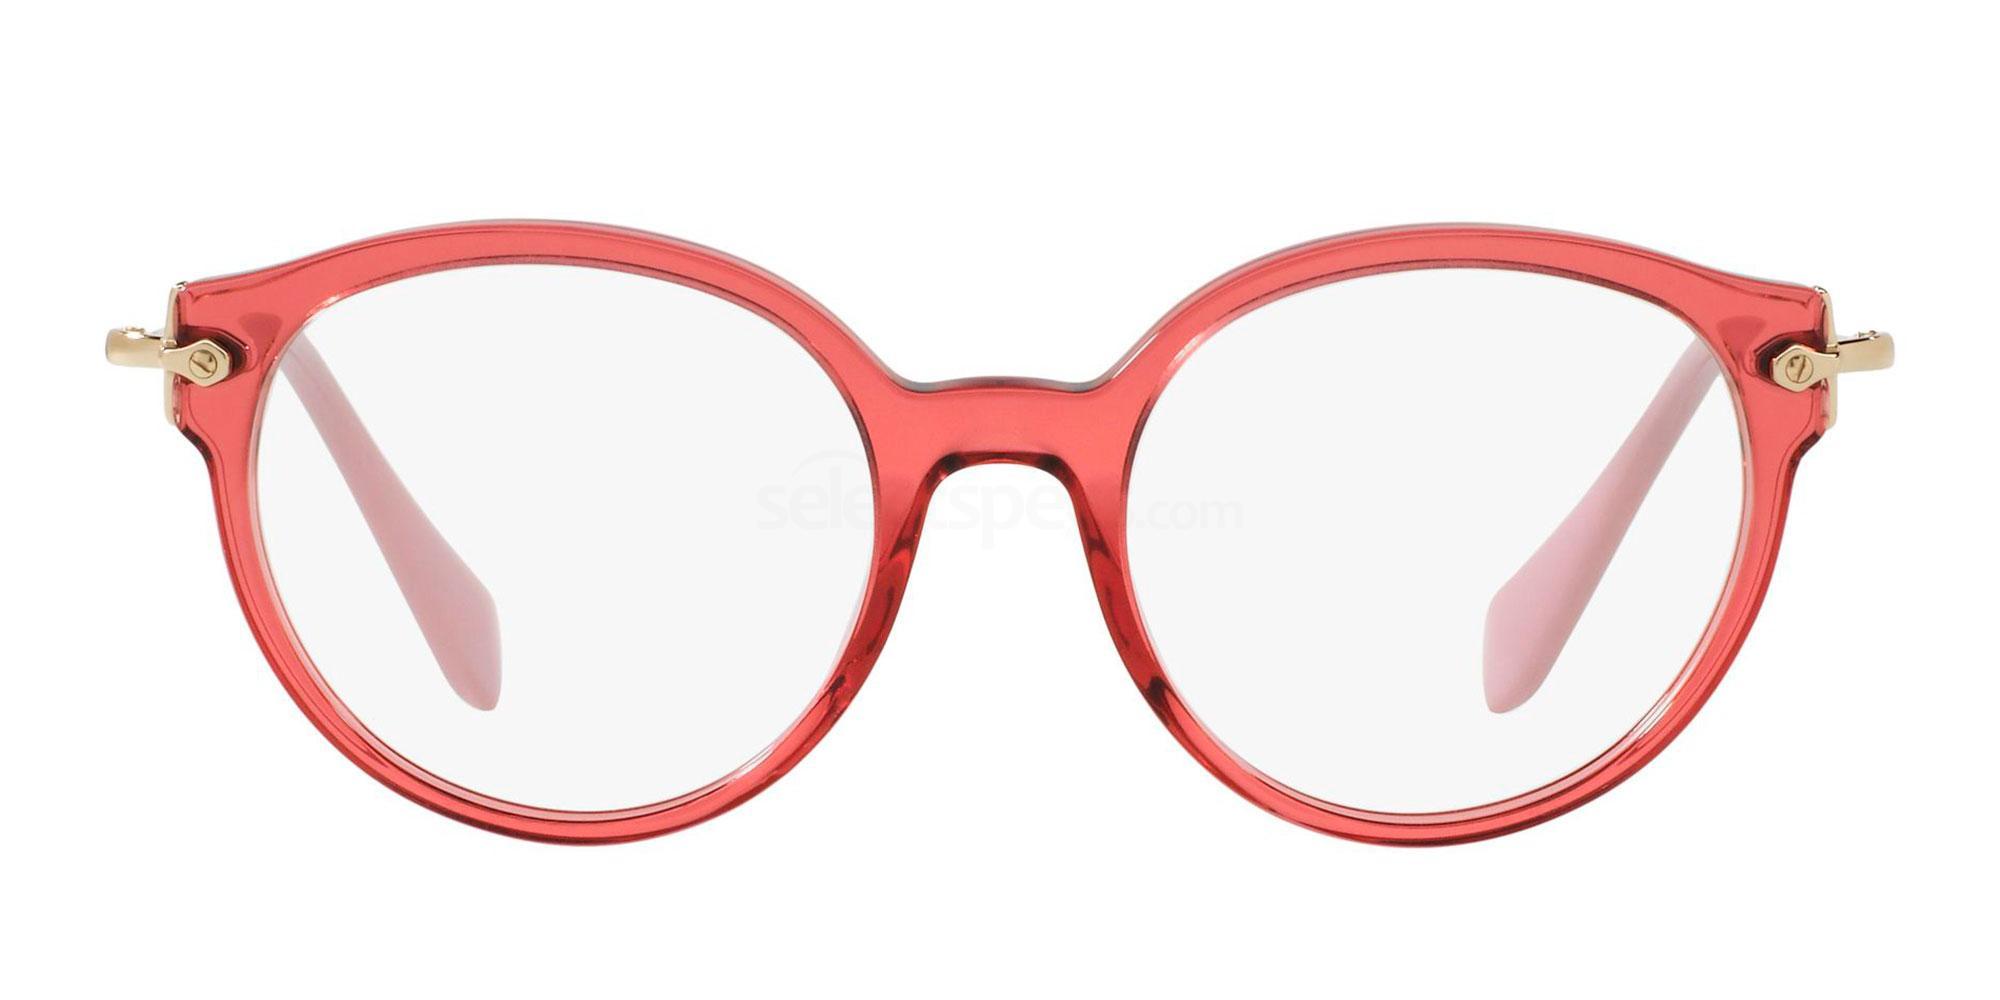 U681O1 MU 04PV Glasses, Miu Miu